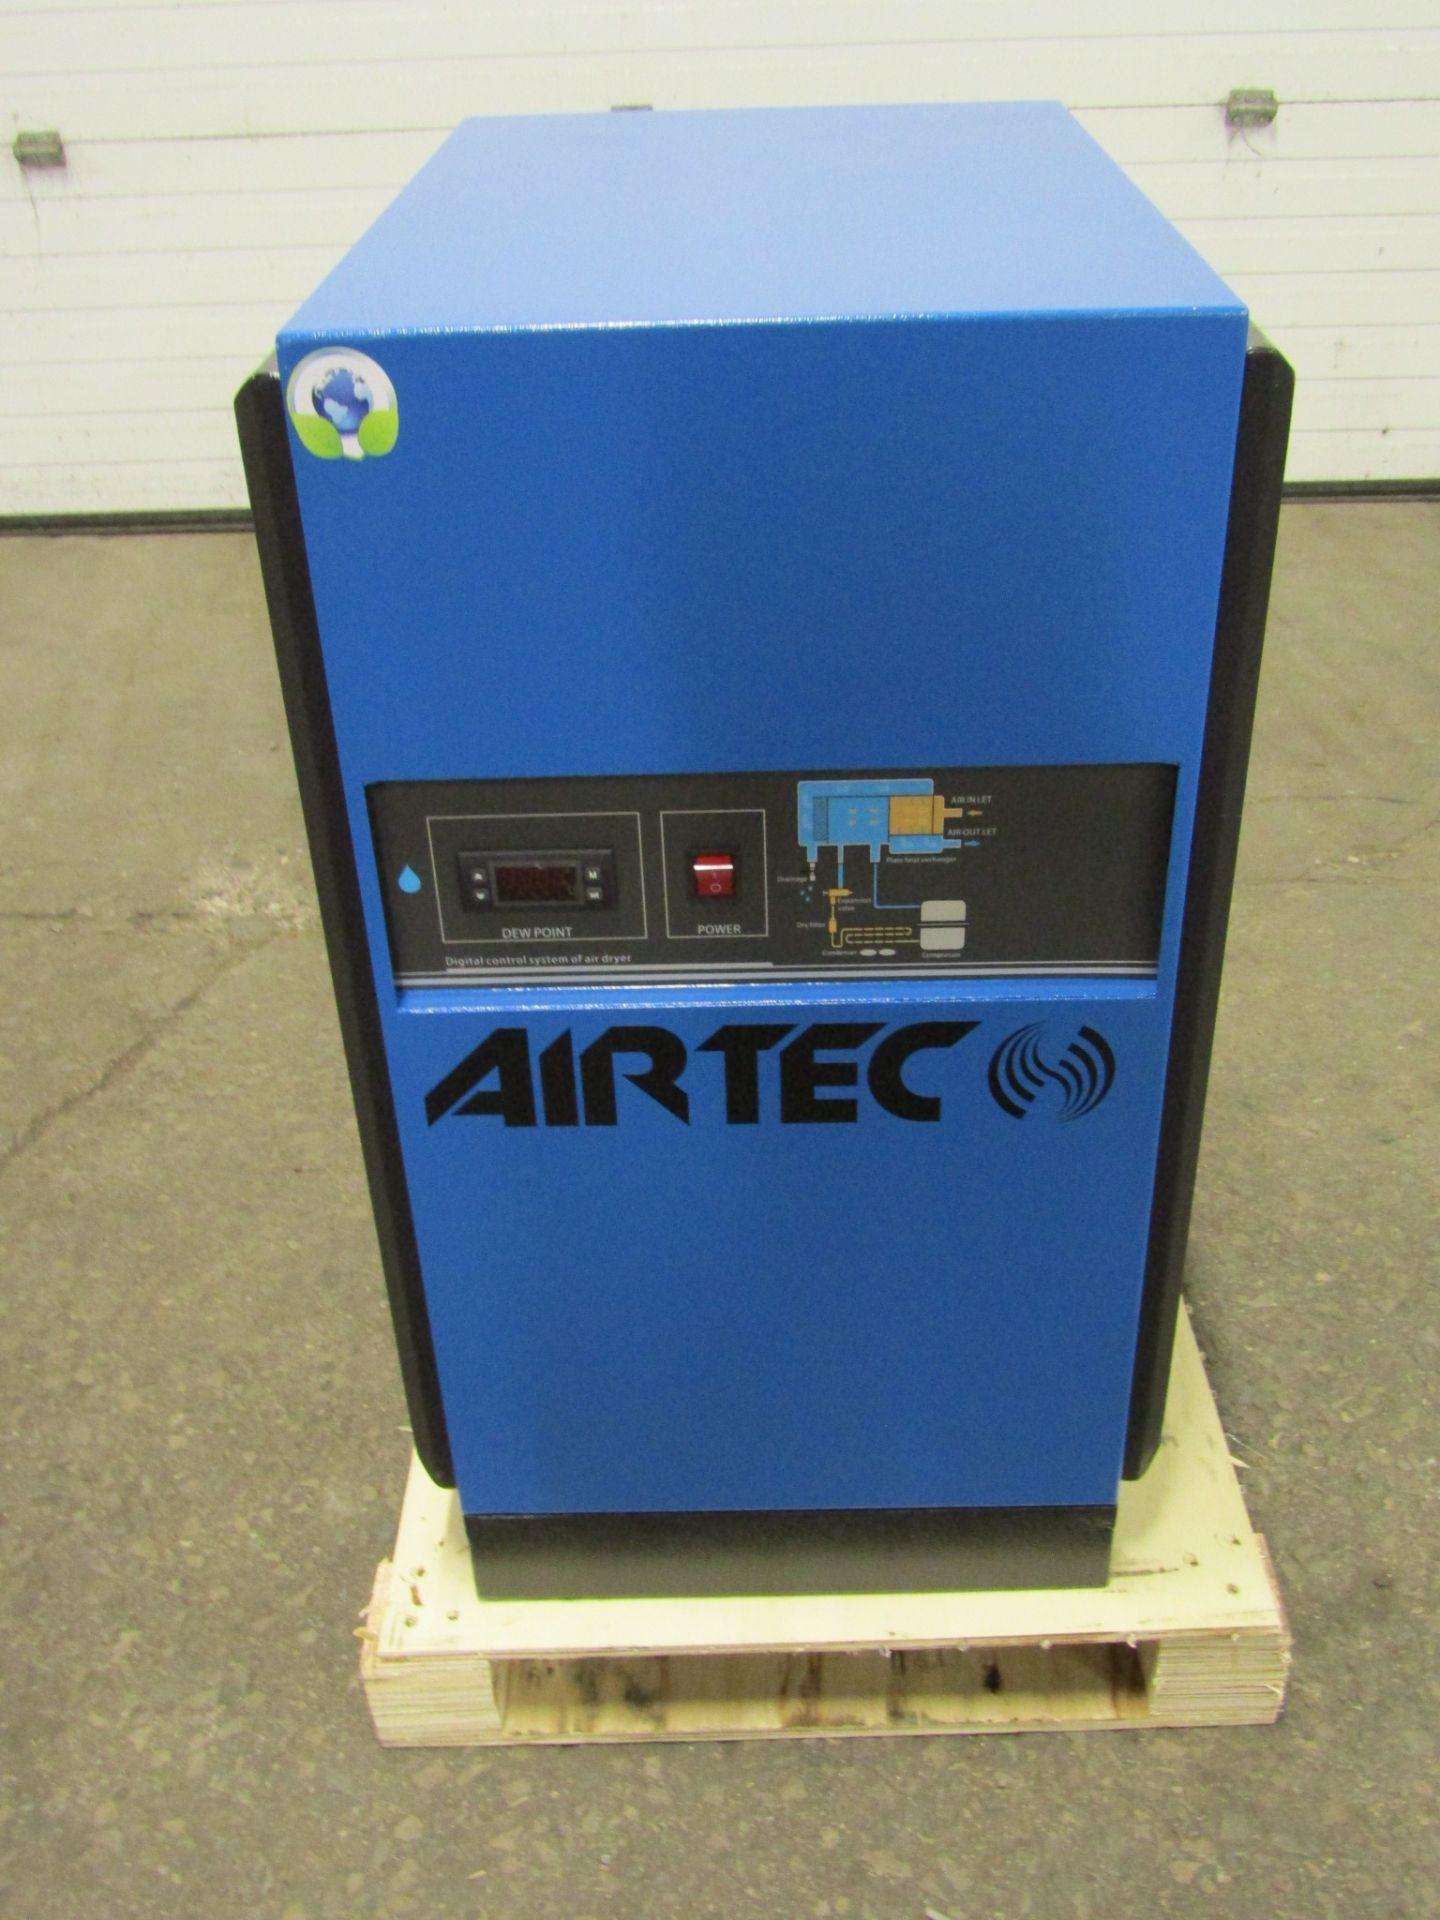 MINT Airtec Compressed Air Dryer 177 CFM Unused new unit